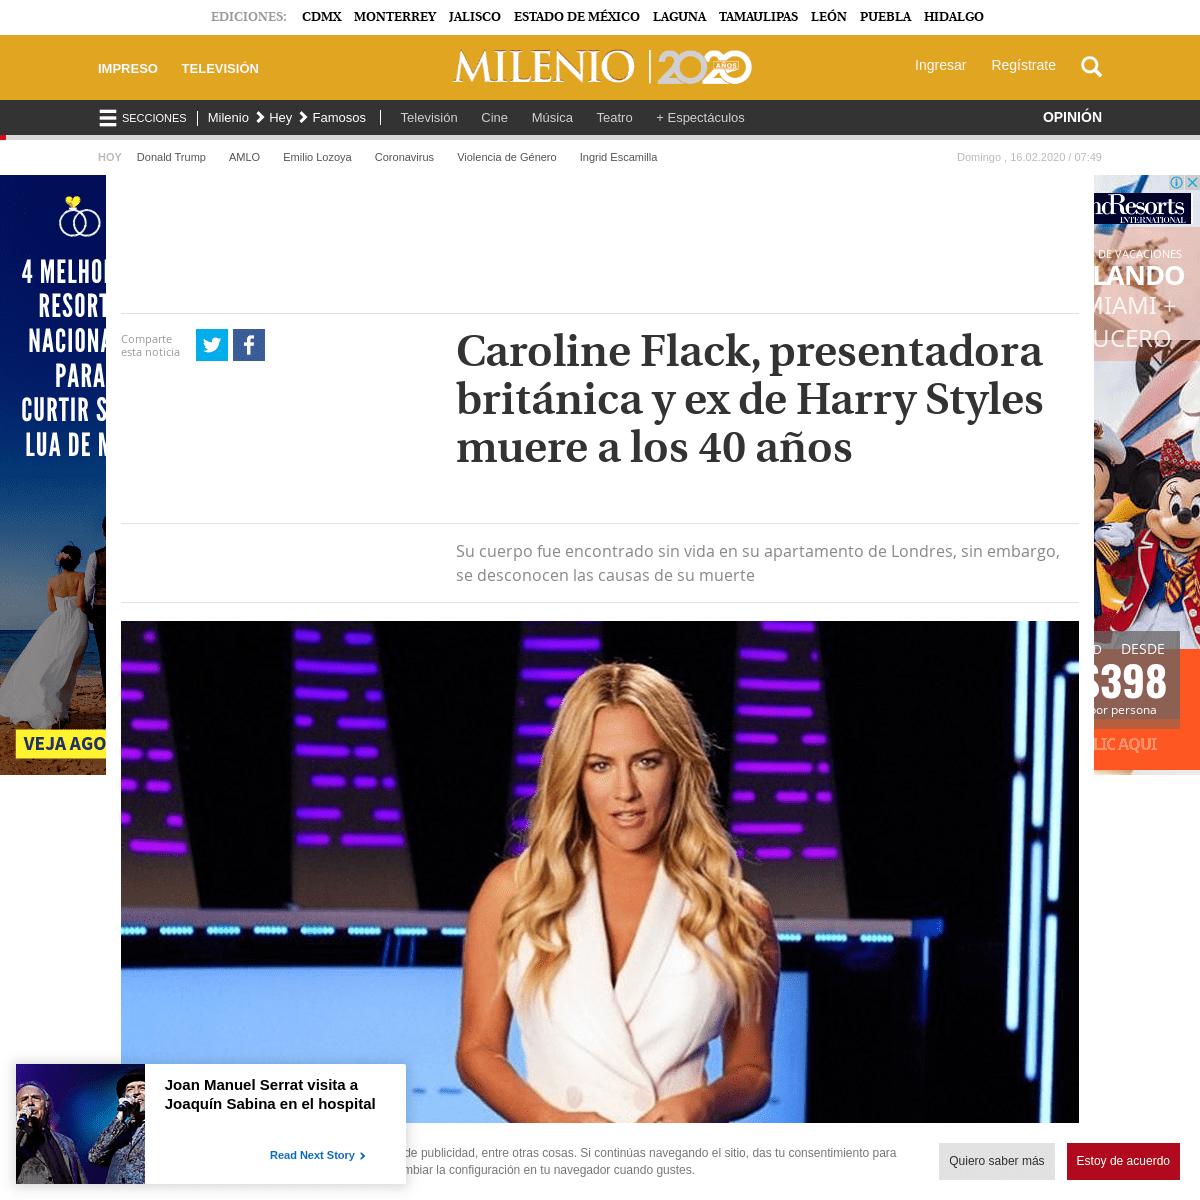 Caroline Flack- muere la presentadora británica y ex de Harry Styles